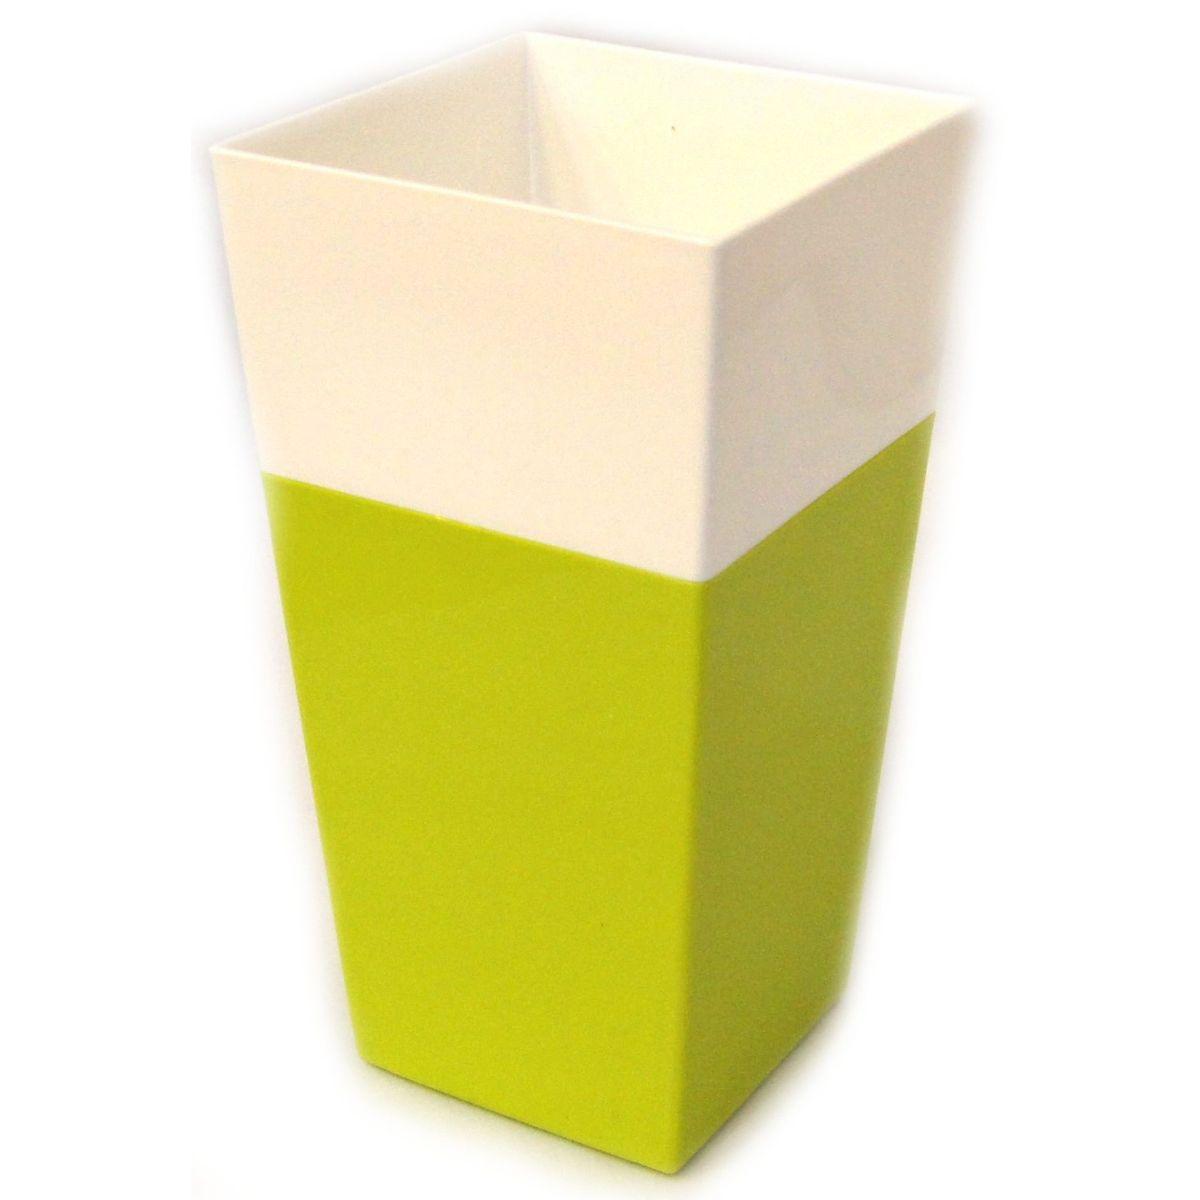 Кашпо JetPlast Дуэт, цвет: фисташковый, белый, высота 34 см4612754052660Кашпо имеет строгий дизайн и состоит из двух частей: верхней части для цветка и нижней – поддона. Конструкция горшка позволяет, при желании, использовать систему фитильного полива, снабдив горшок веревкой. Оно изготовлено из прочного полипропилена (пластика). Размеры кашпо: 18 х 18 х 34 см.